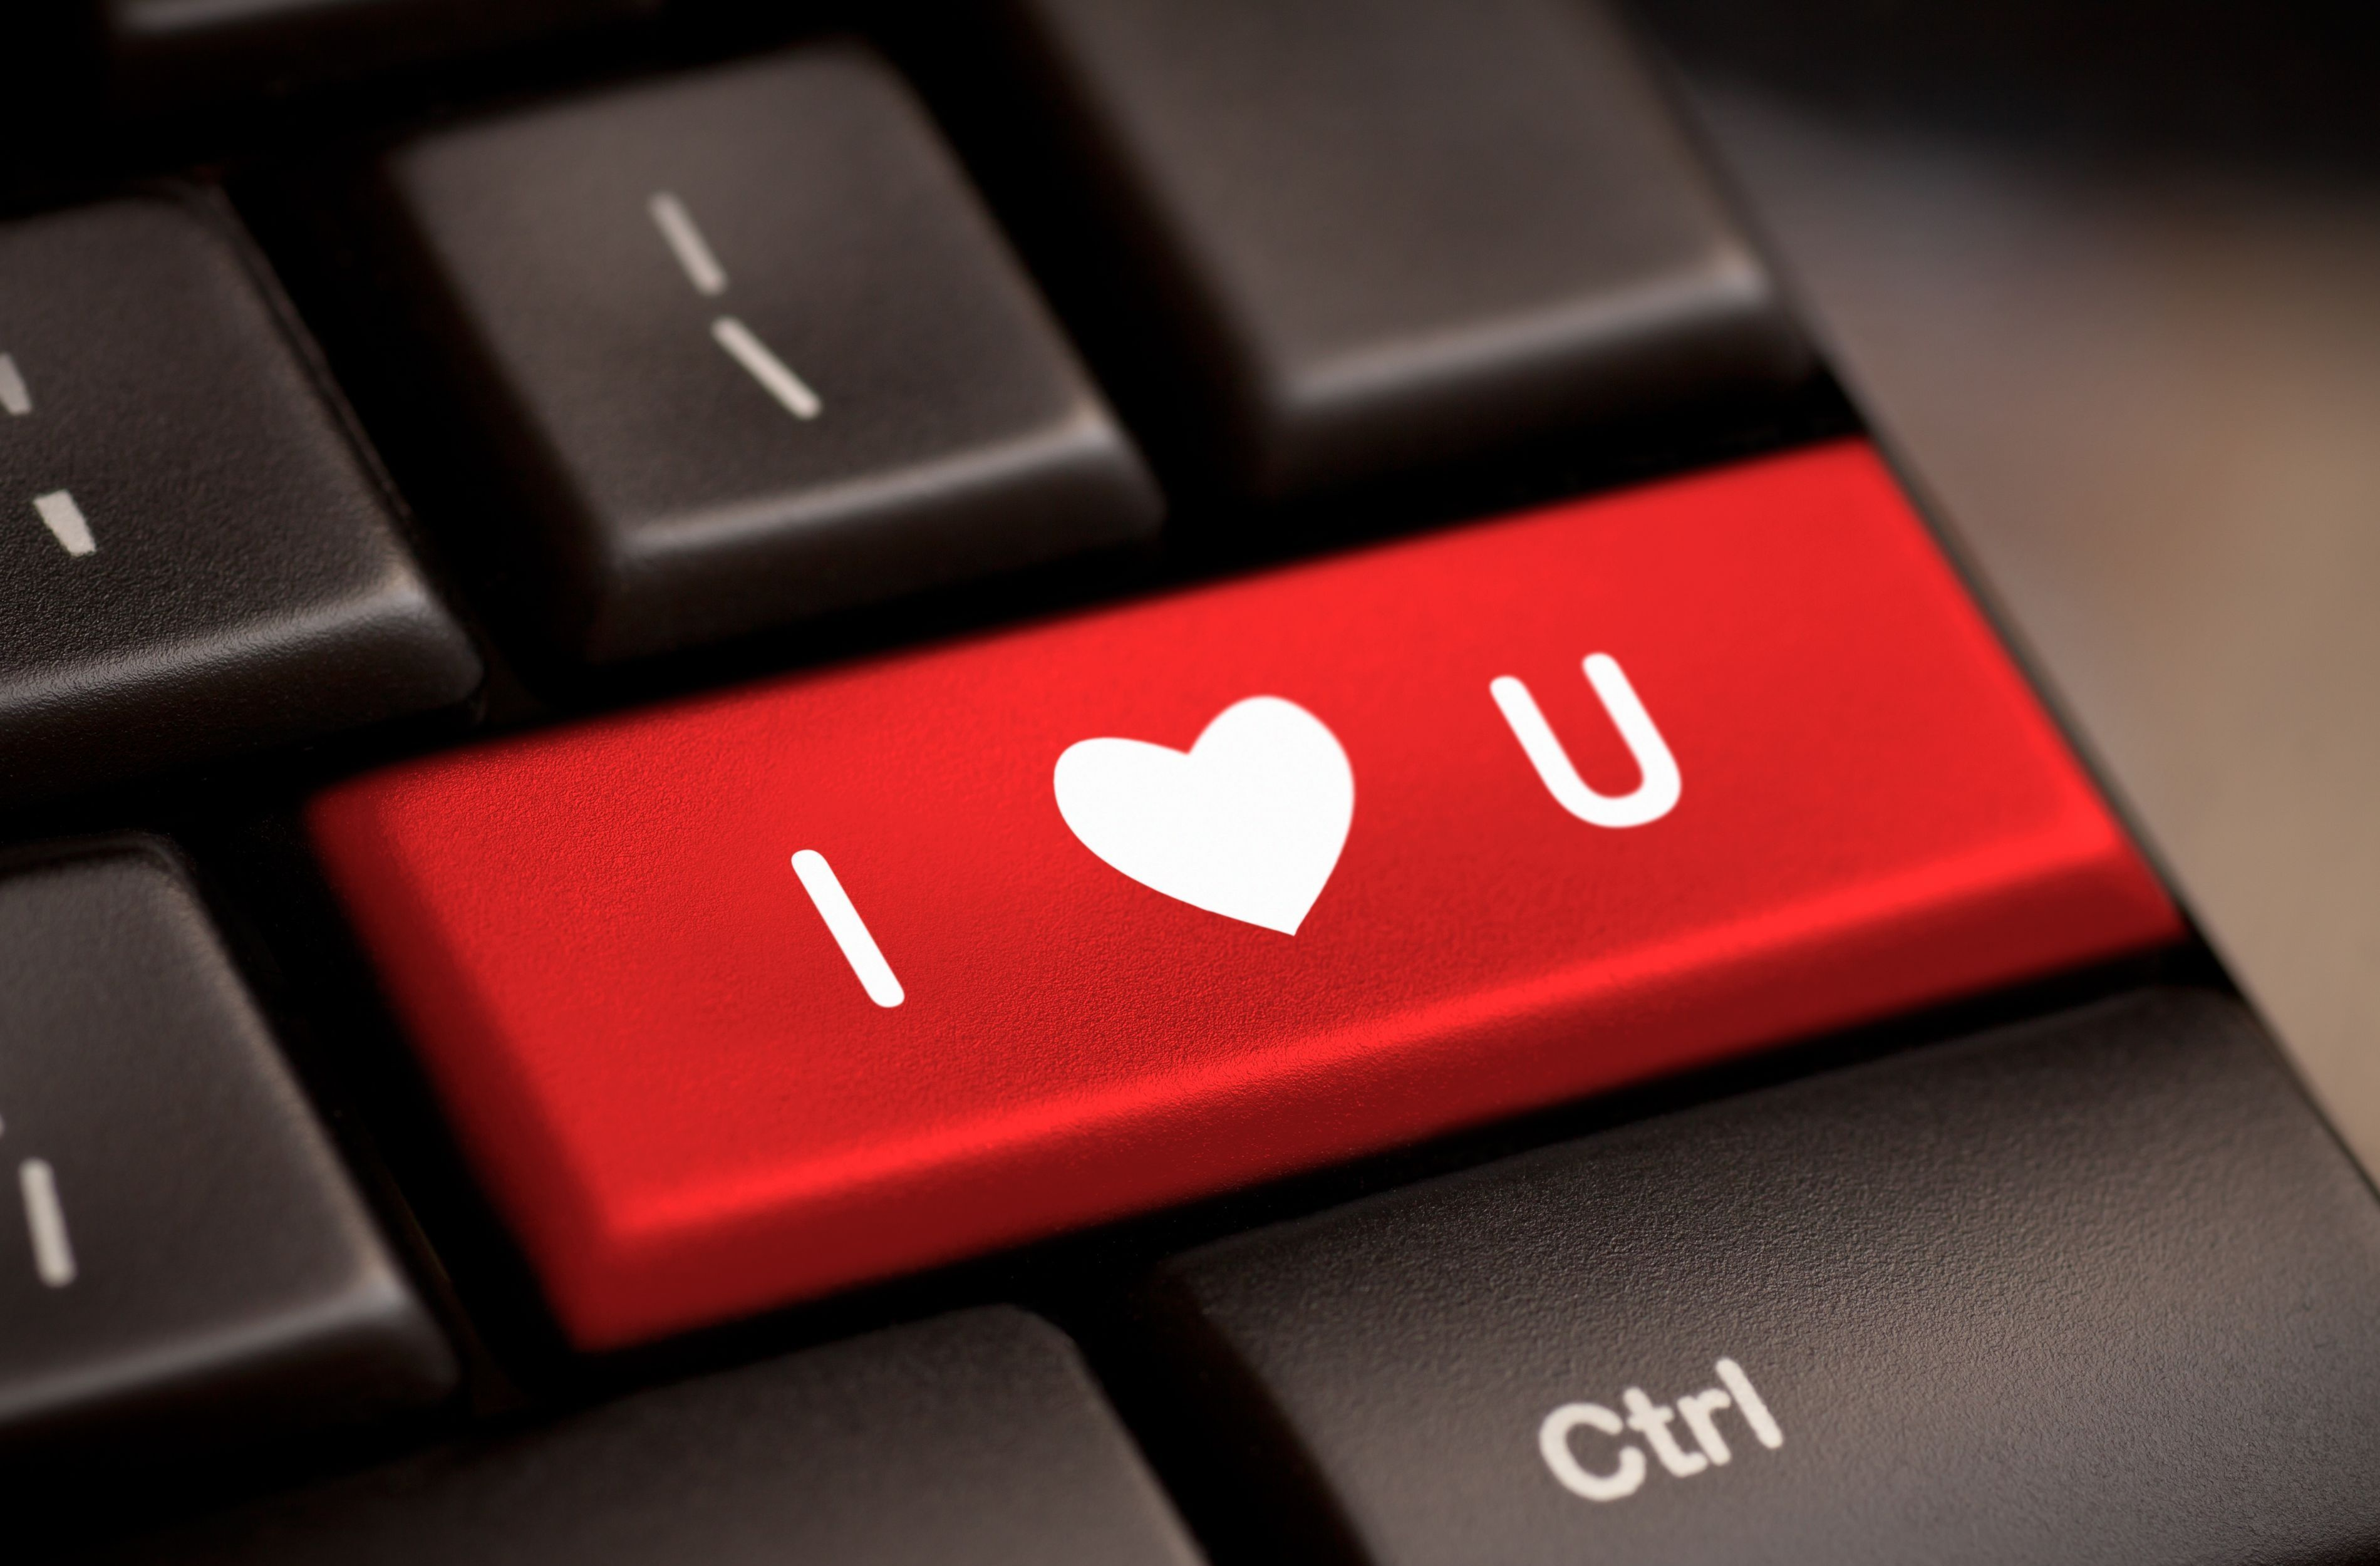 кнопка на клавиатуре  № 661184 без смс